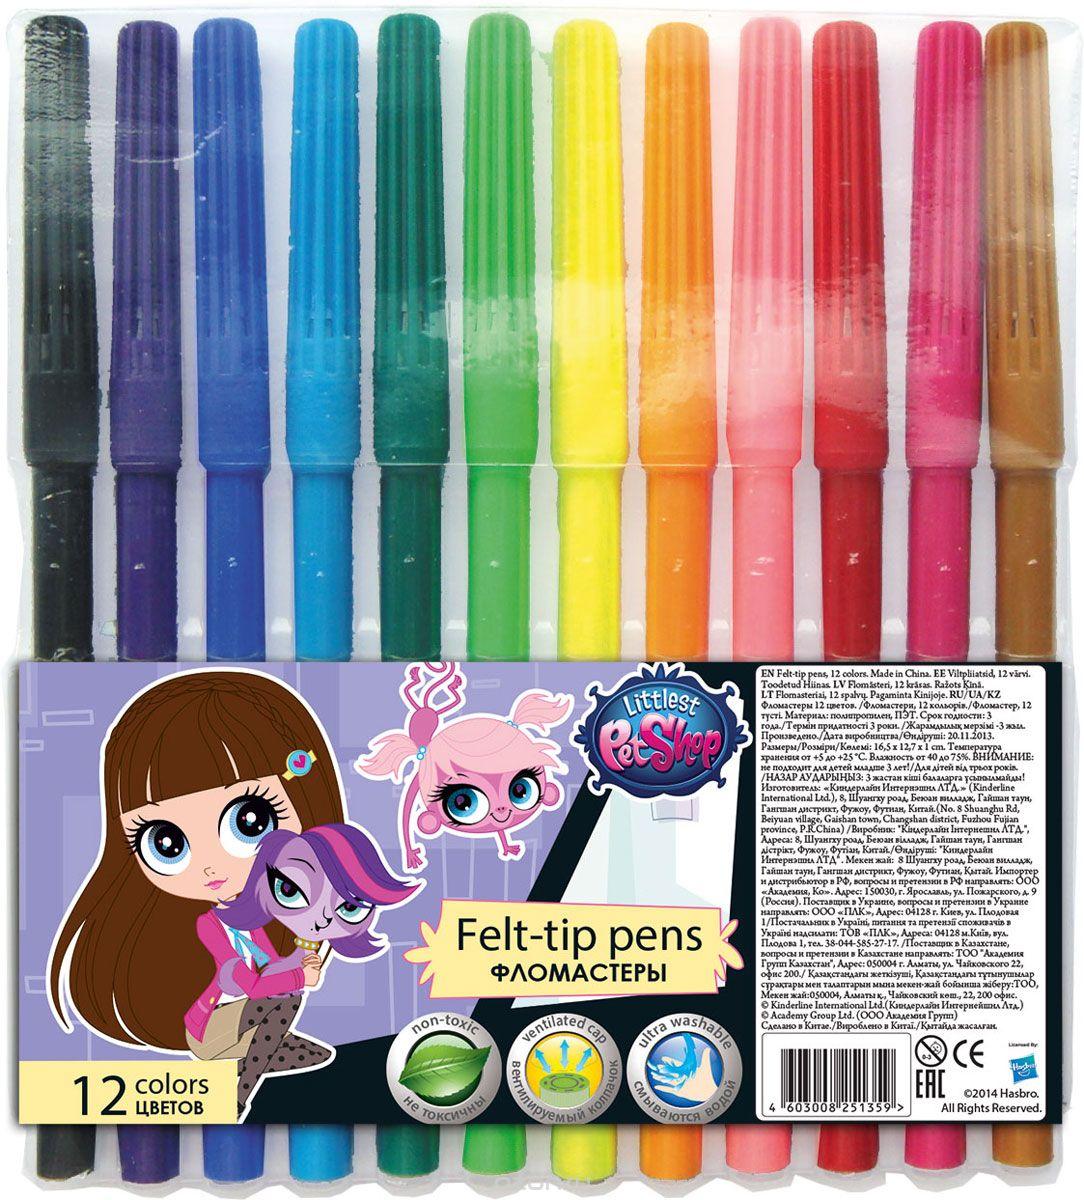 Набор цветных фломастеров, 12 шт Littlest Pet ShopLPCB-US1-1M-12Набор цветных фломастеров с любимыми героями станут прекрасным подарком. Фломастеры предназначены для рисования и раскрашивания, помогут вашему ребенку создать неповторимые яркие рисунки. Набор включает в себя фломастеры 12 ярких насыщенных цветов в разноцветных корпусах (цвет колпачка соответствует цвету чернил). Каждый фломастер оснащен плотным вентилируемым колпачком, надежно защищающим чернила от испарения, корпус дополнен золотым тиснением логотипа.